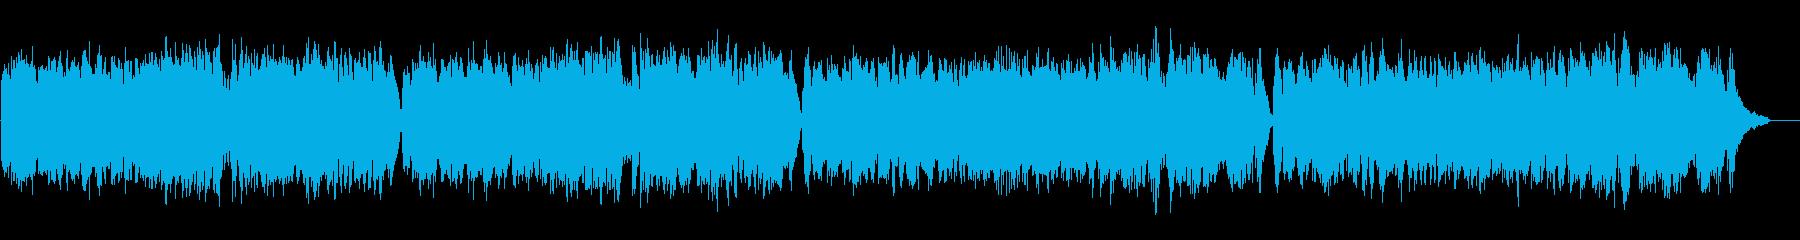 軽快で繊細なチェンバロ バロック・高音質の再生済みの波形